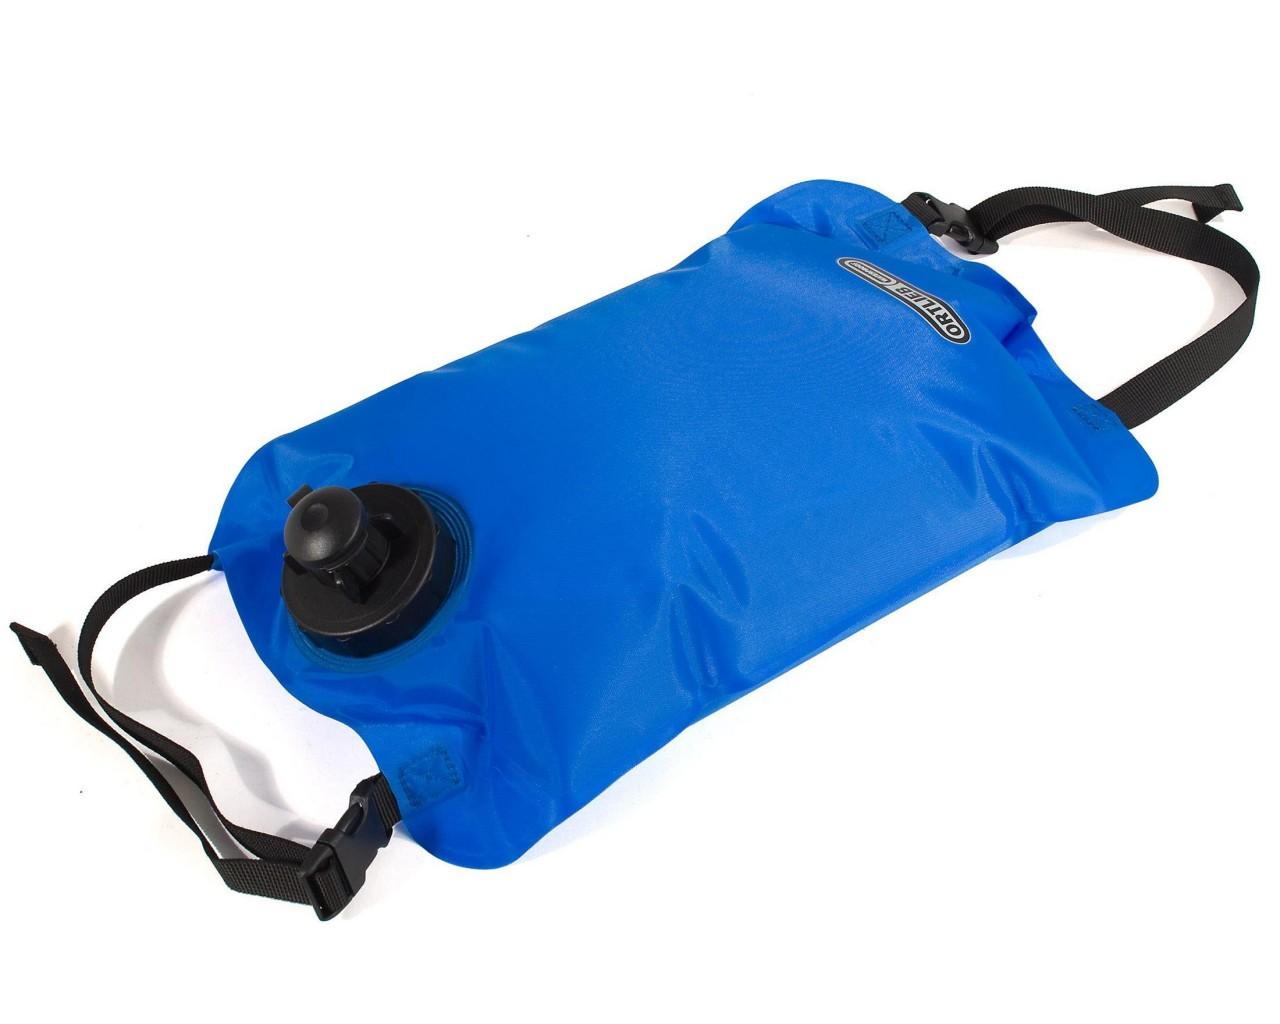 Ortlieb water bag 4 liter | blue